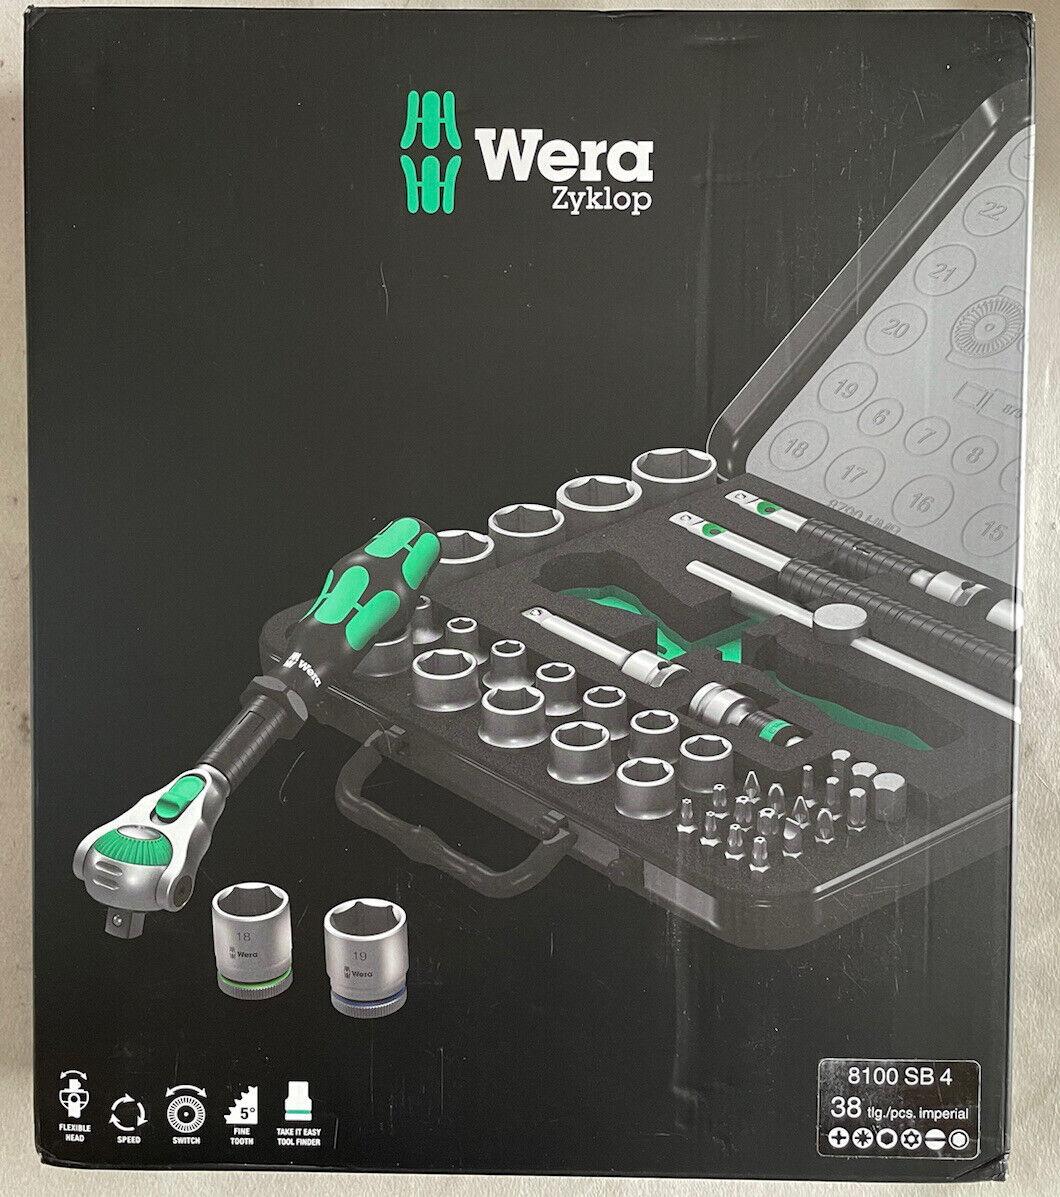 Wera 05003596001 8100 SB 4 Zyklop Speed Ratchet Set, 3/8